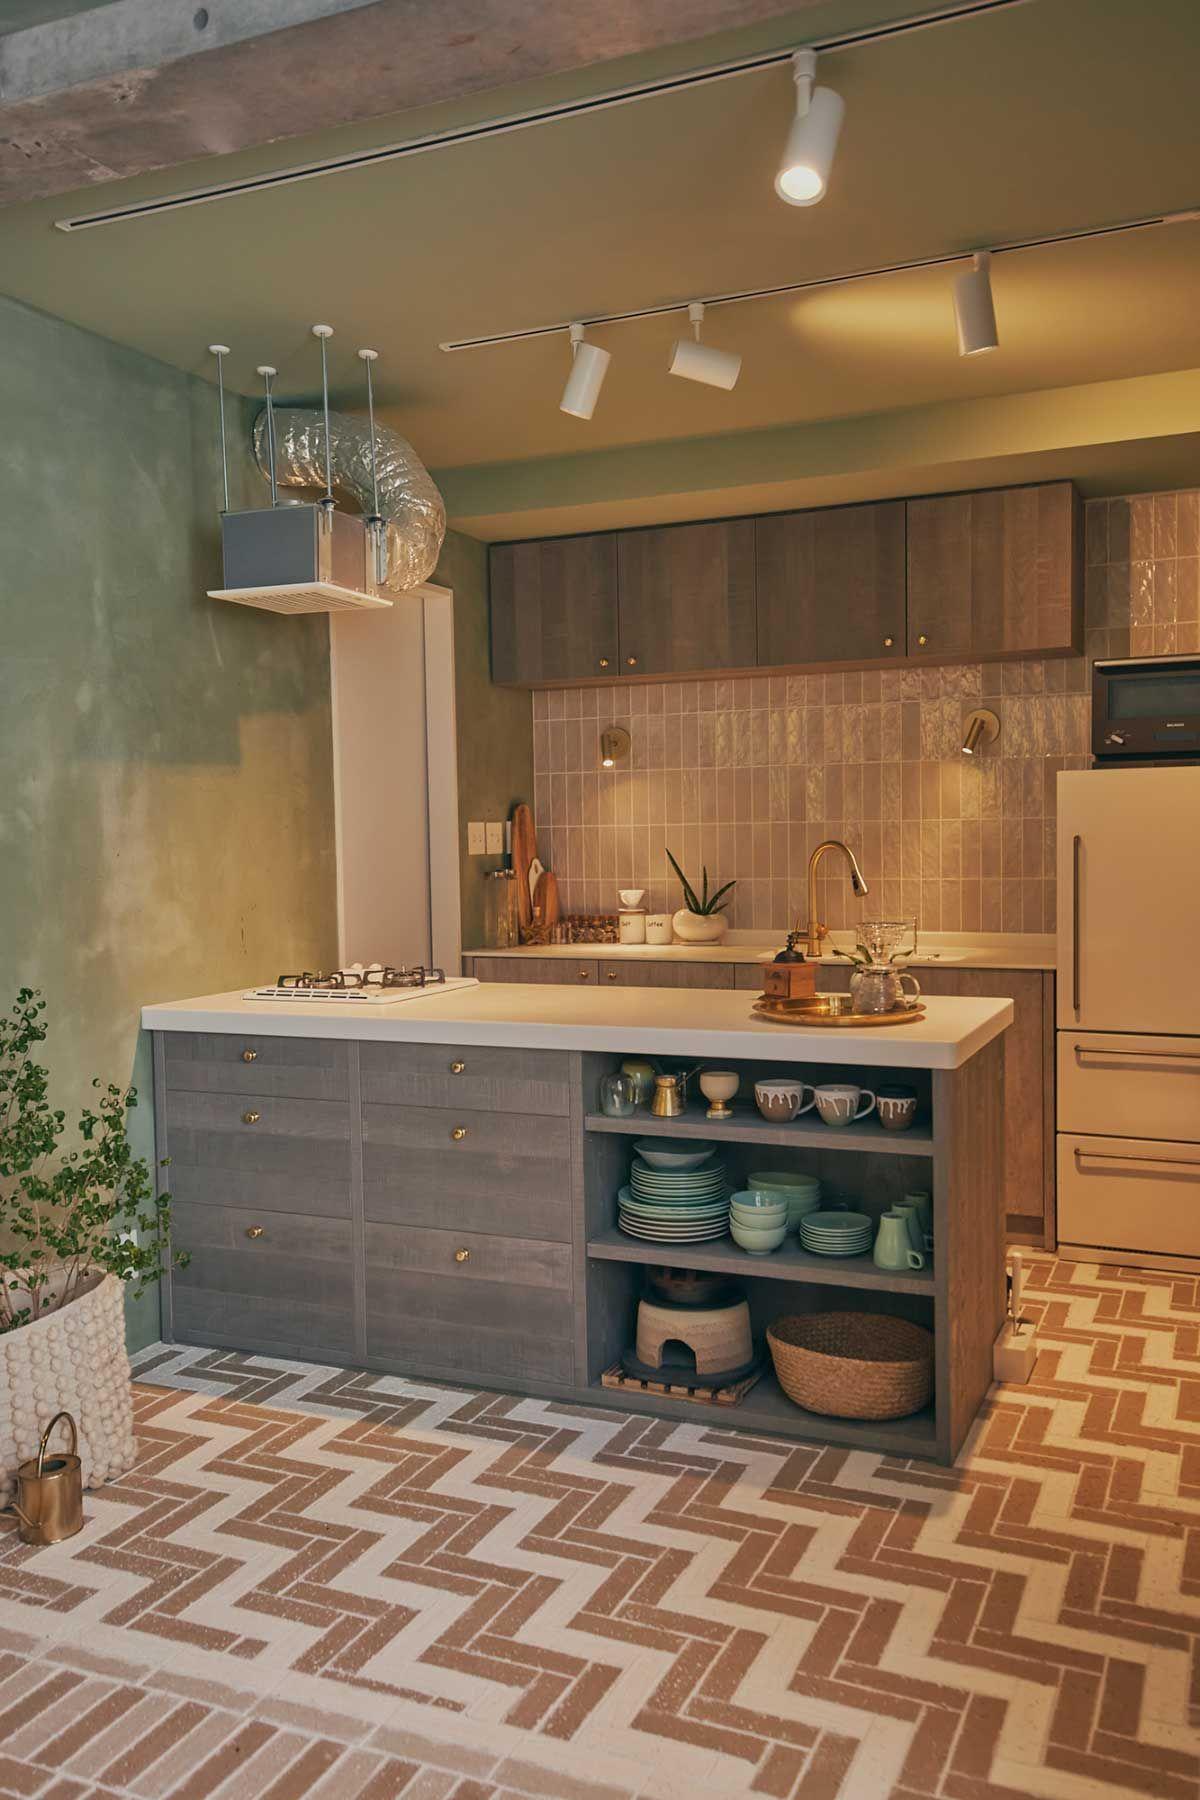 LIFELOG (ライフログ)広いキッチンカウンター